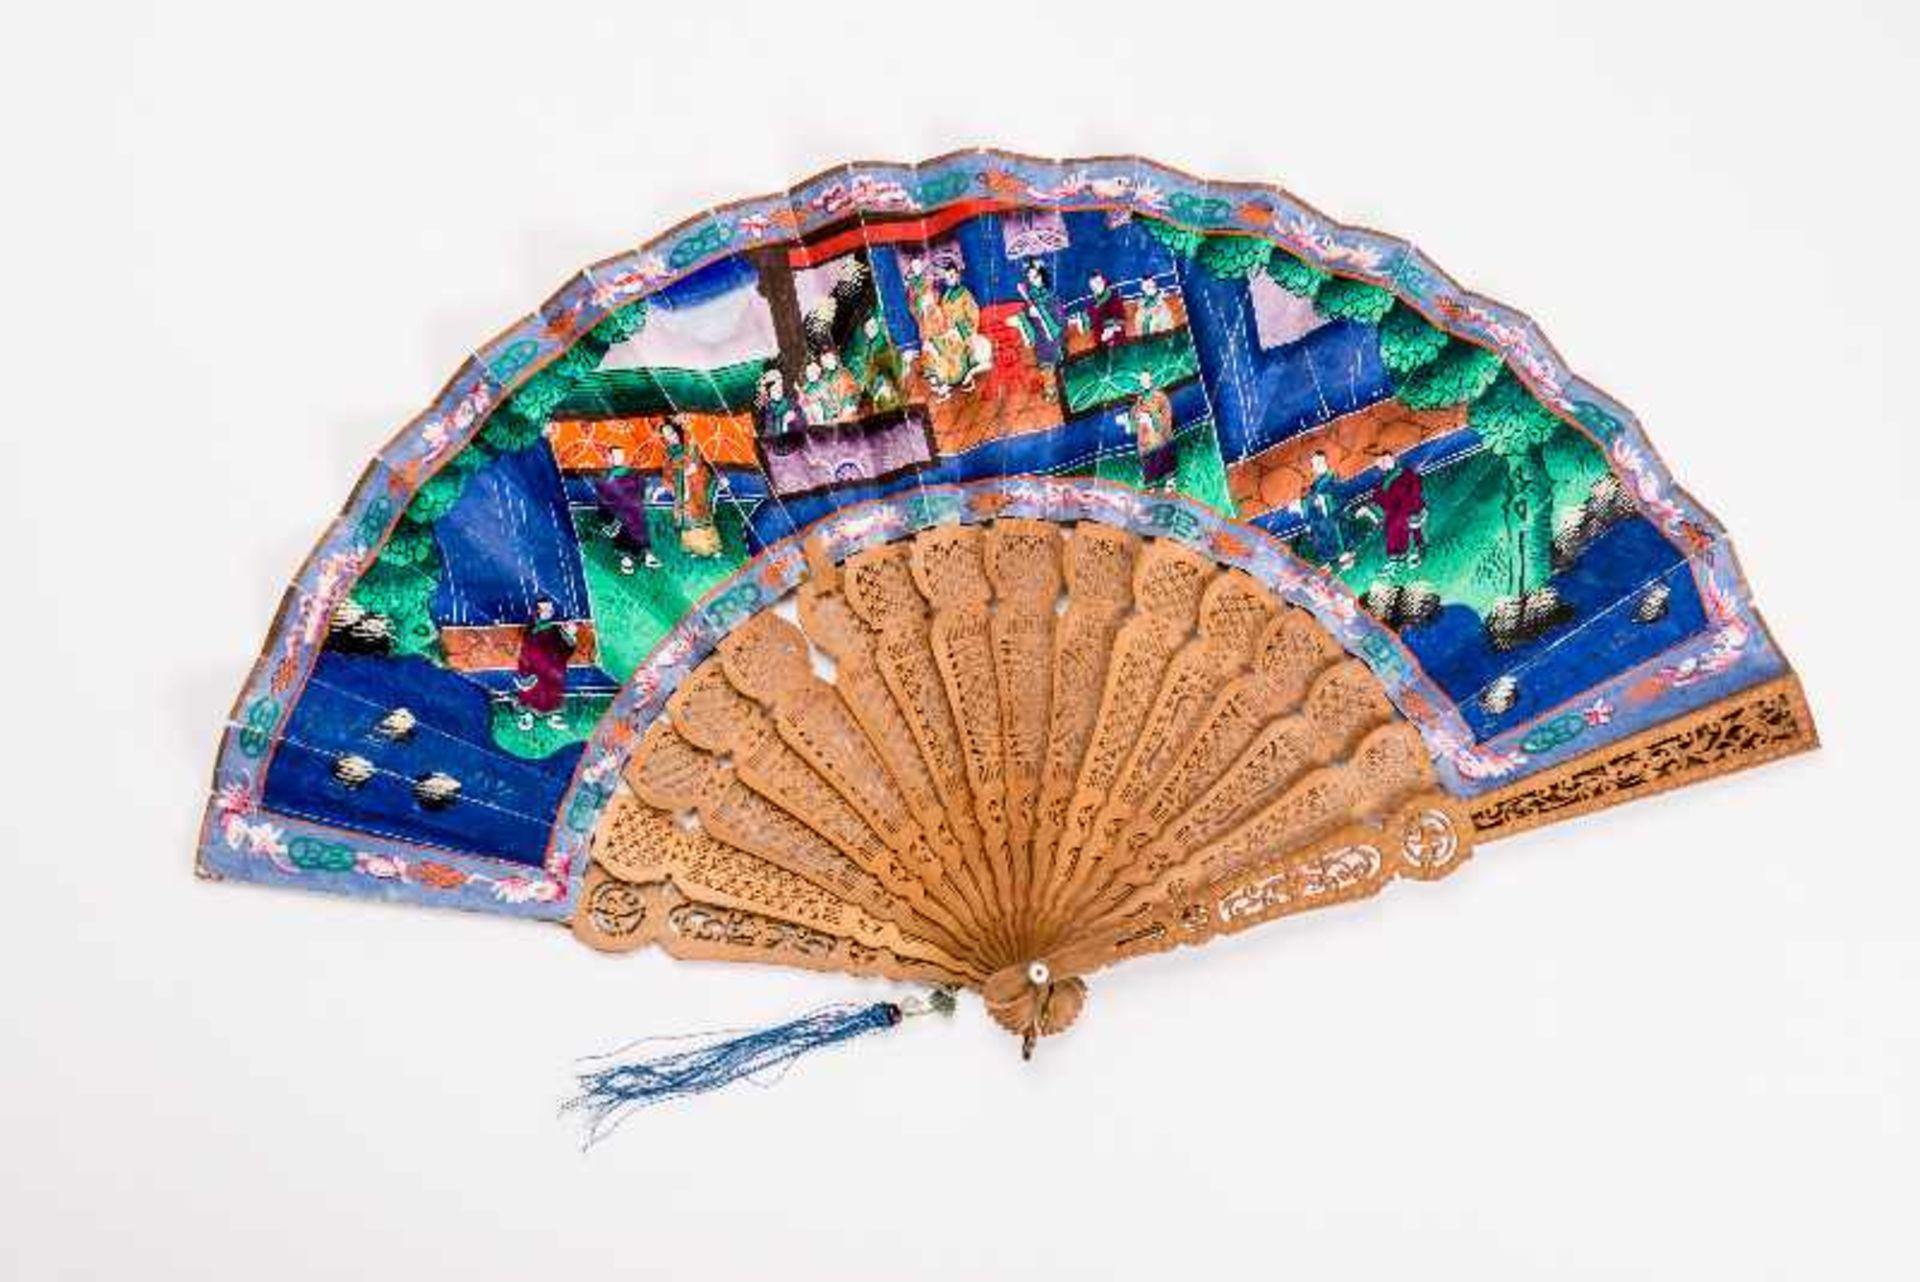 MANDARIN-FALTFÄCHER MIT FIGURALEN SZENEN Gouache, Seide, Elfenbein, Holz. China, späte Qing-Dynastie - Image 3 of 3